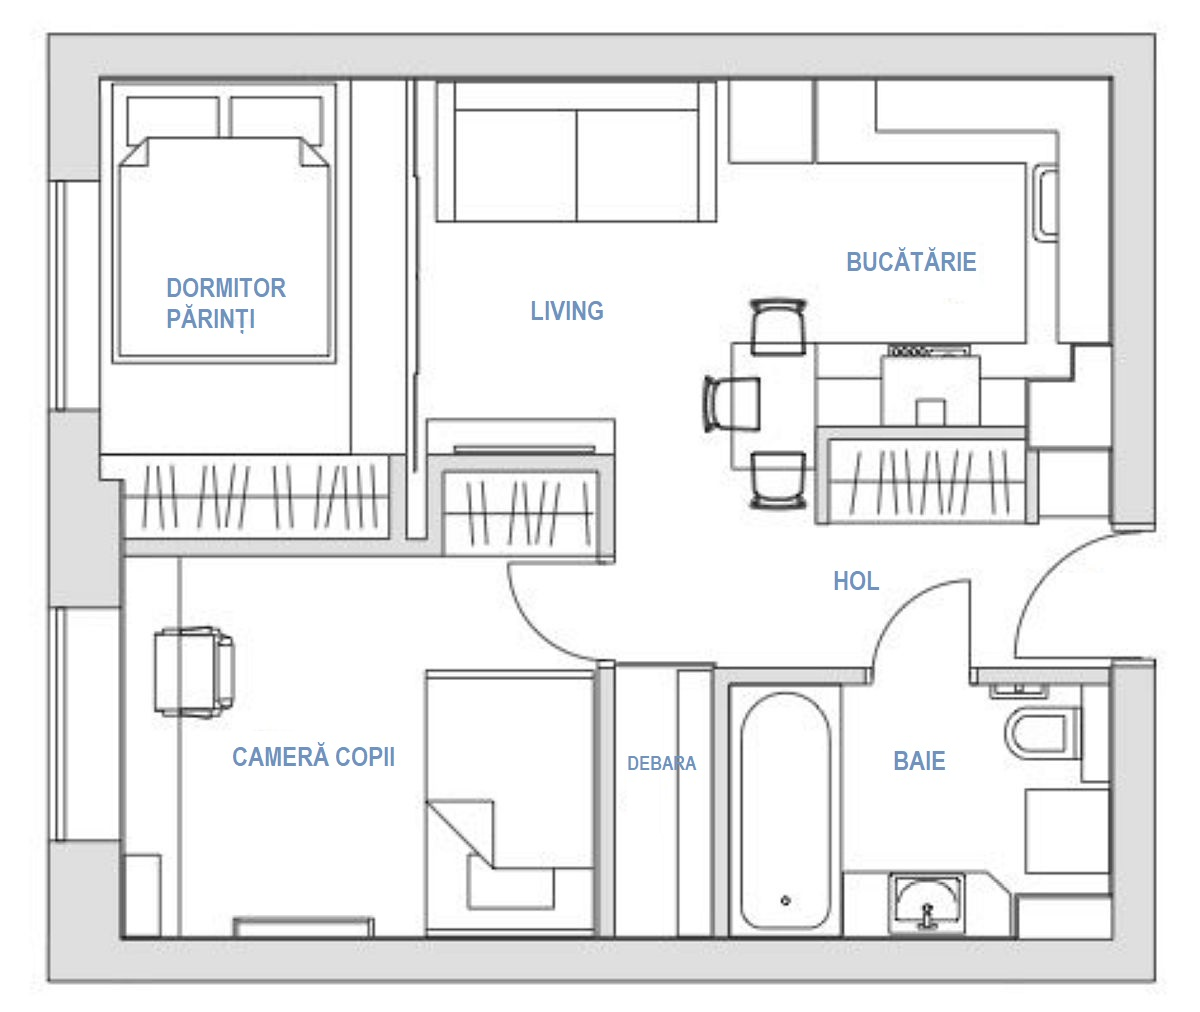 Inișial locuința avea două camere, din care livingul era deschis către bucătărie. Designerul a prevăzut ca dormitorul părinților să fie amenajat în dreptul ferestrei din living și să fie separat față de cameră prin uși culisante. De asemenea, în camera copiilor, designerul s-a folosit de înălțimea de 3 metri a locuinței pentru a amplasa un pat dublu etajat pentru ambii copii, astfel ca sub pat să existe loc de joacă și bibliotecă, iar în dreptul ferestrei loc de birou. Spațiile de depozitare au fost create pe mijlocul aparamentului, respectiv dulap în dormitorul părinților, dulap în camera copiilor, dulap pe hol, la care se adaugă debaraua obținută după recompartimentarea camerei copiilor (care a fost ușor micșorată). Spațiul bucătăriei a fost și el regândit pentru ca această funcțiune să fie cât mai generoasă.